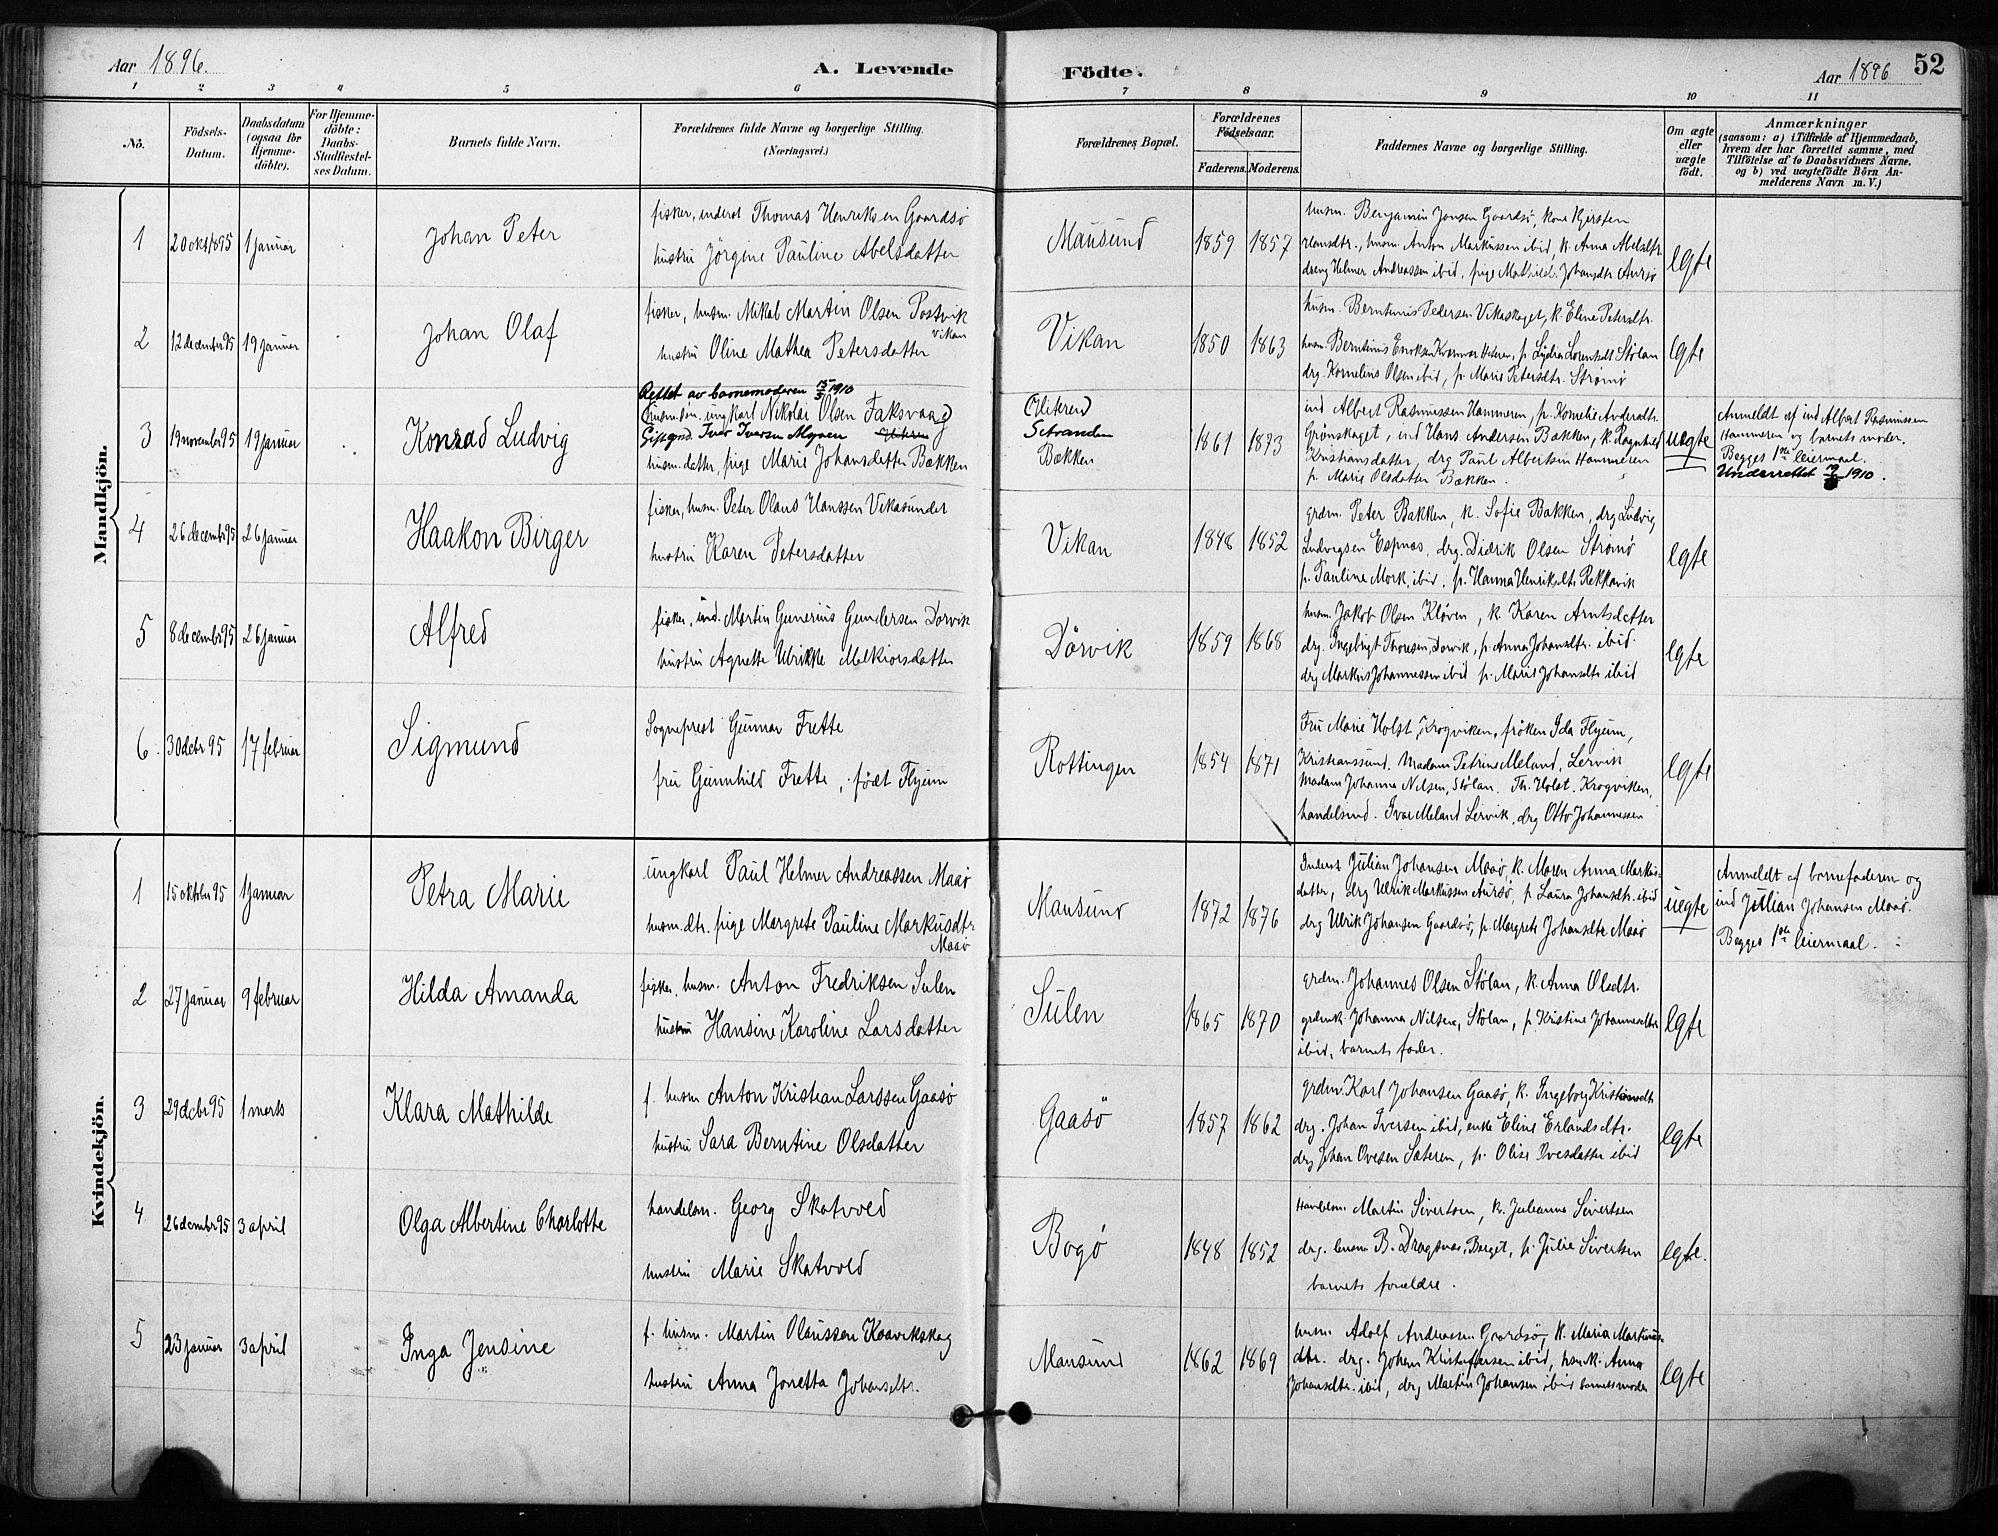 SAT, Ministerialprotokoller, klokkerbøker og fødselsregistre - Sør-Trøndelag, 640/L0579: Ministerialbok nr. 640A04, 1889-1902, s. 52